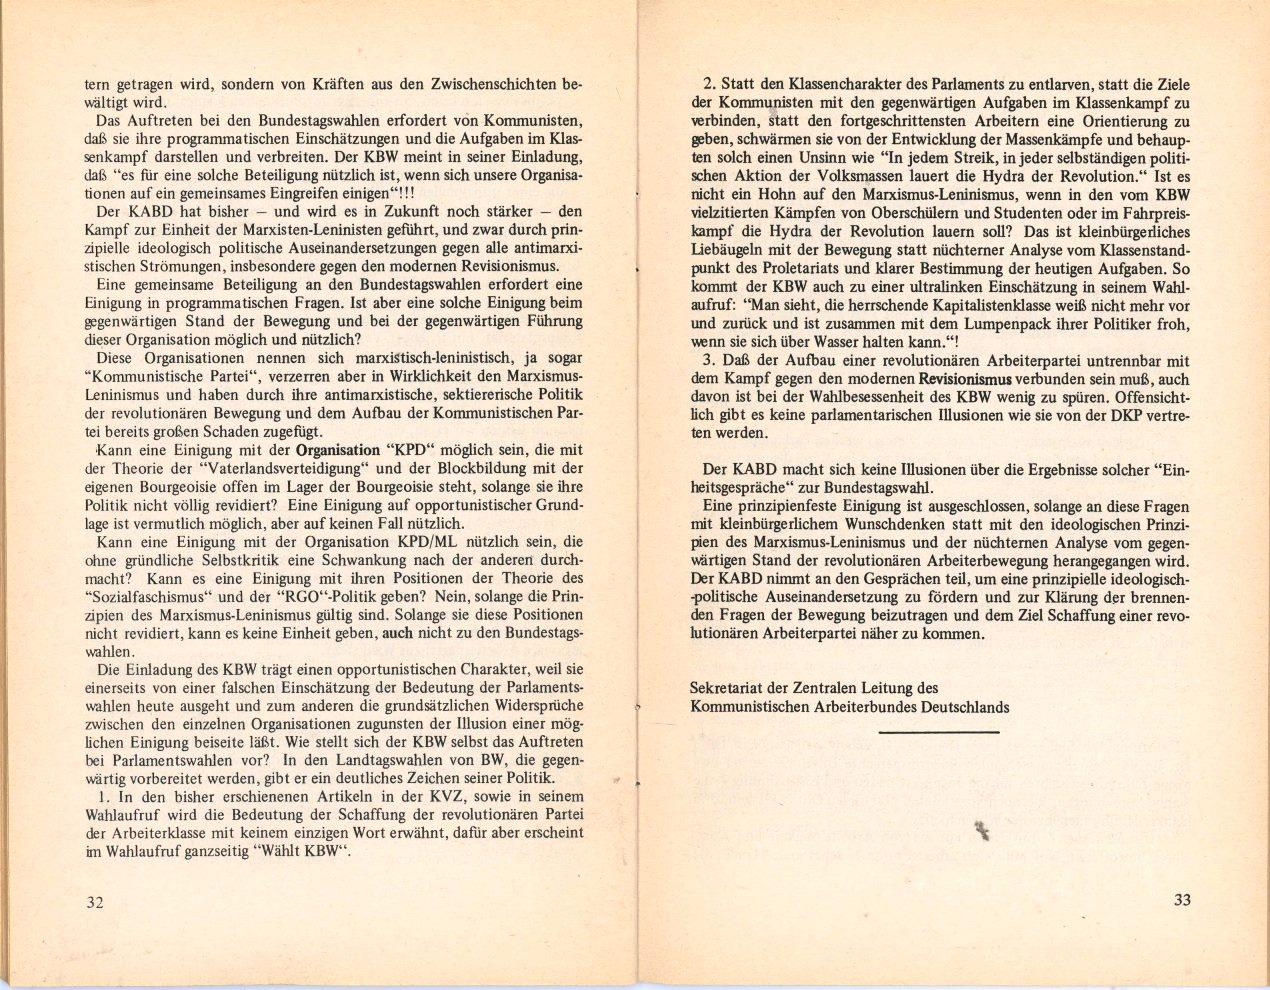 KBW_Materialien_zur_Auseinandersetzung_in_der_mlB_1976_18